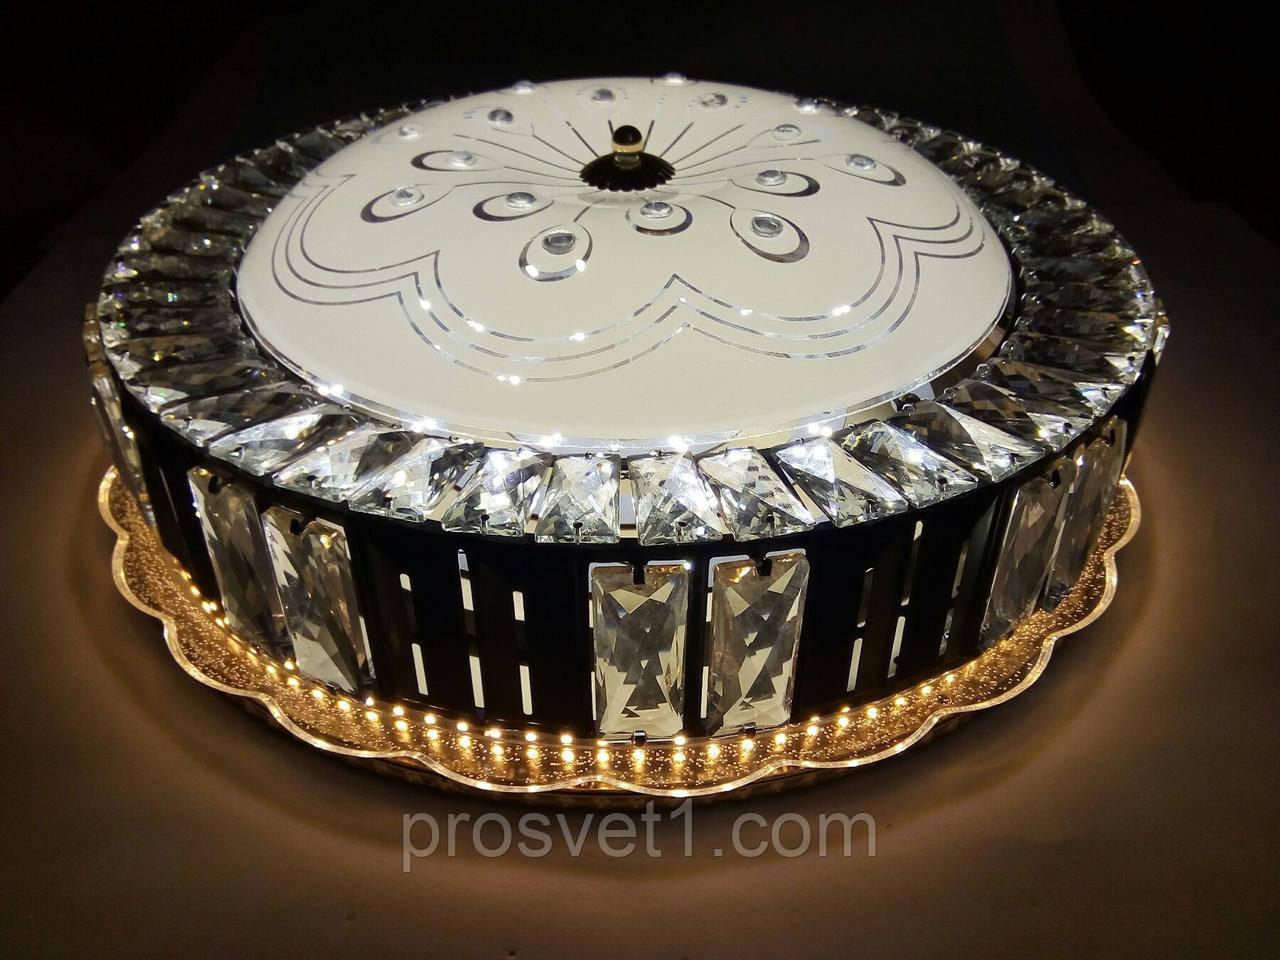 Люстра круглая потолочная светодиодная  1817/500 85W